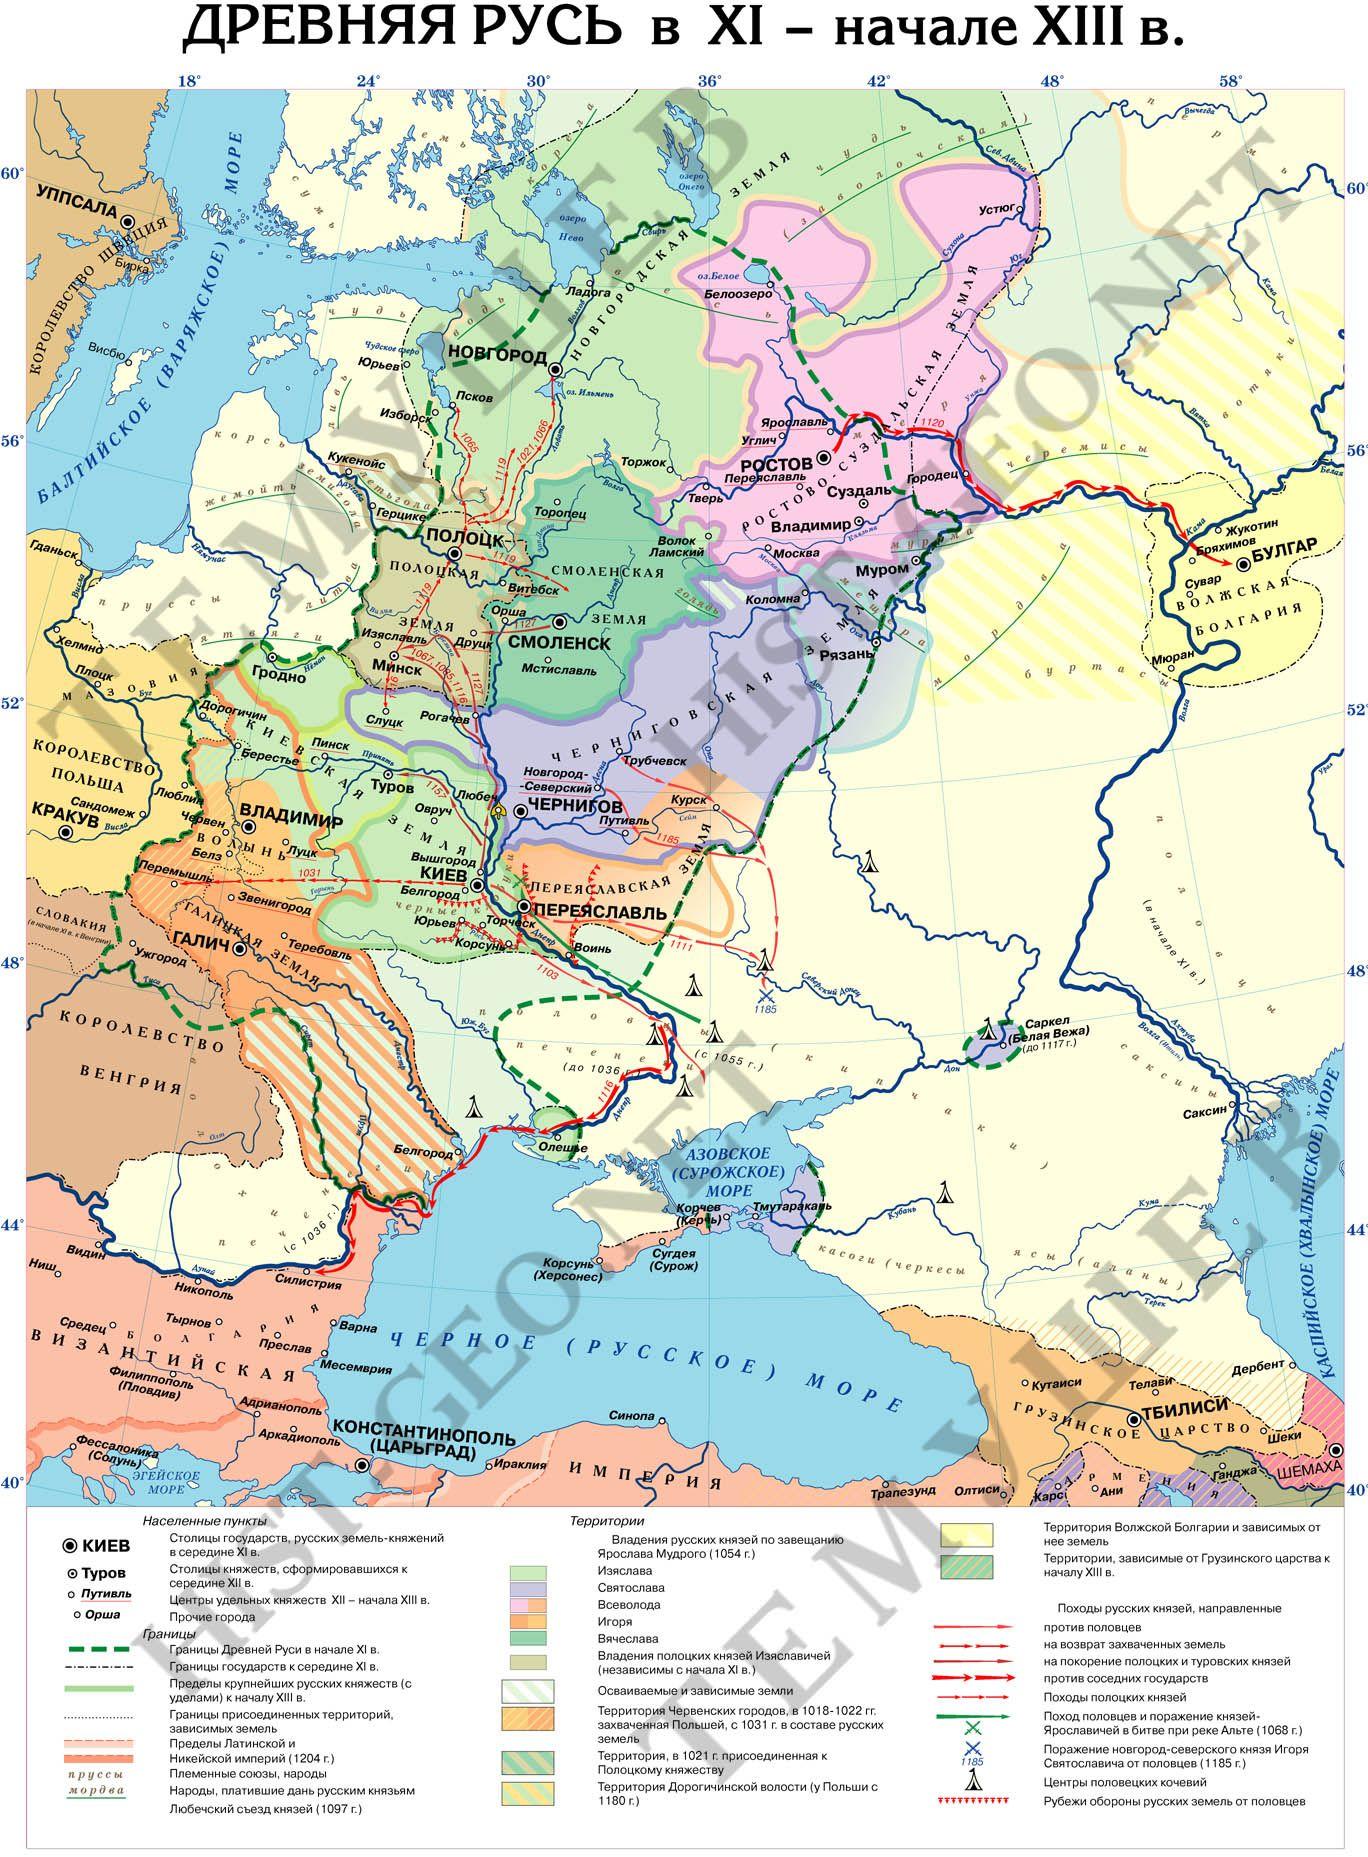 Prakticheskie Raboty Po Konturnoj Karte Geografiya Prirodovedenie